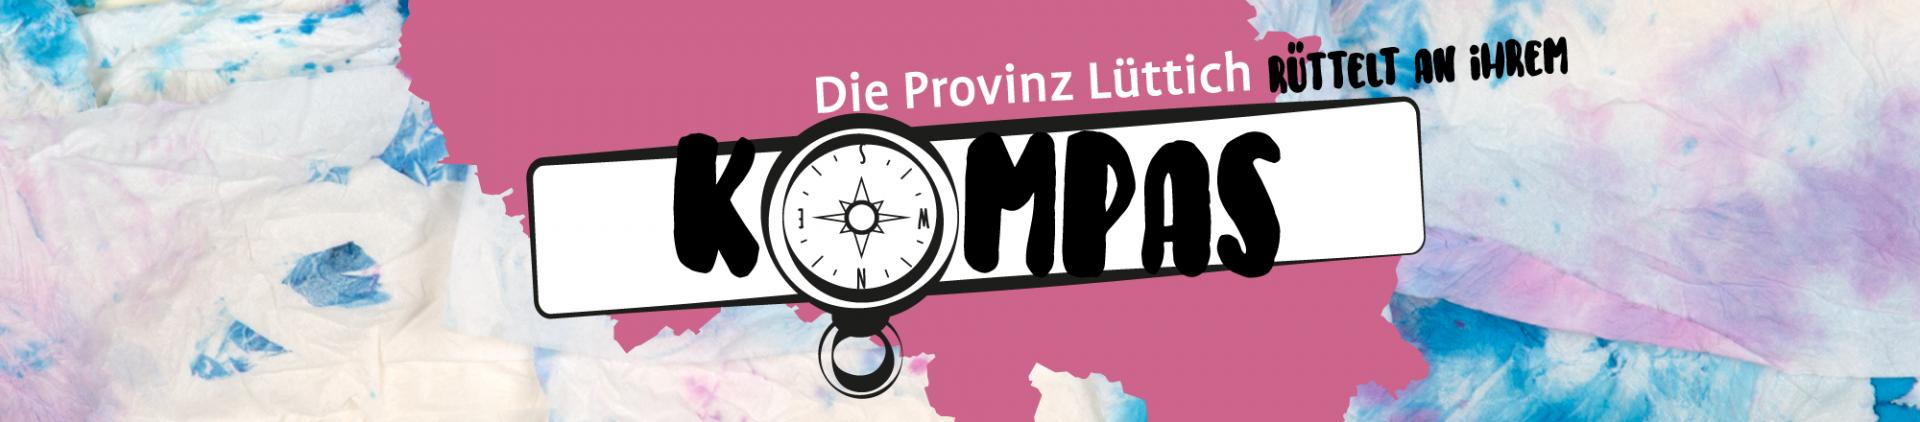 Provinz Lüttich Geheimtipps 2018